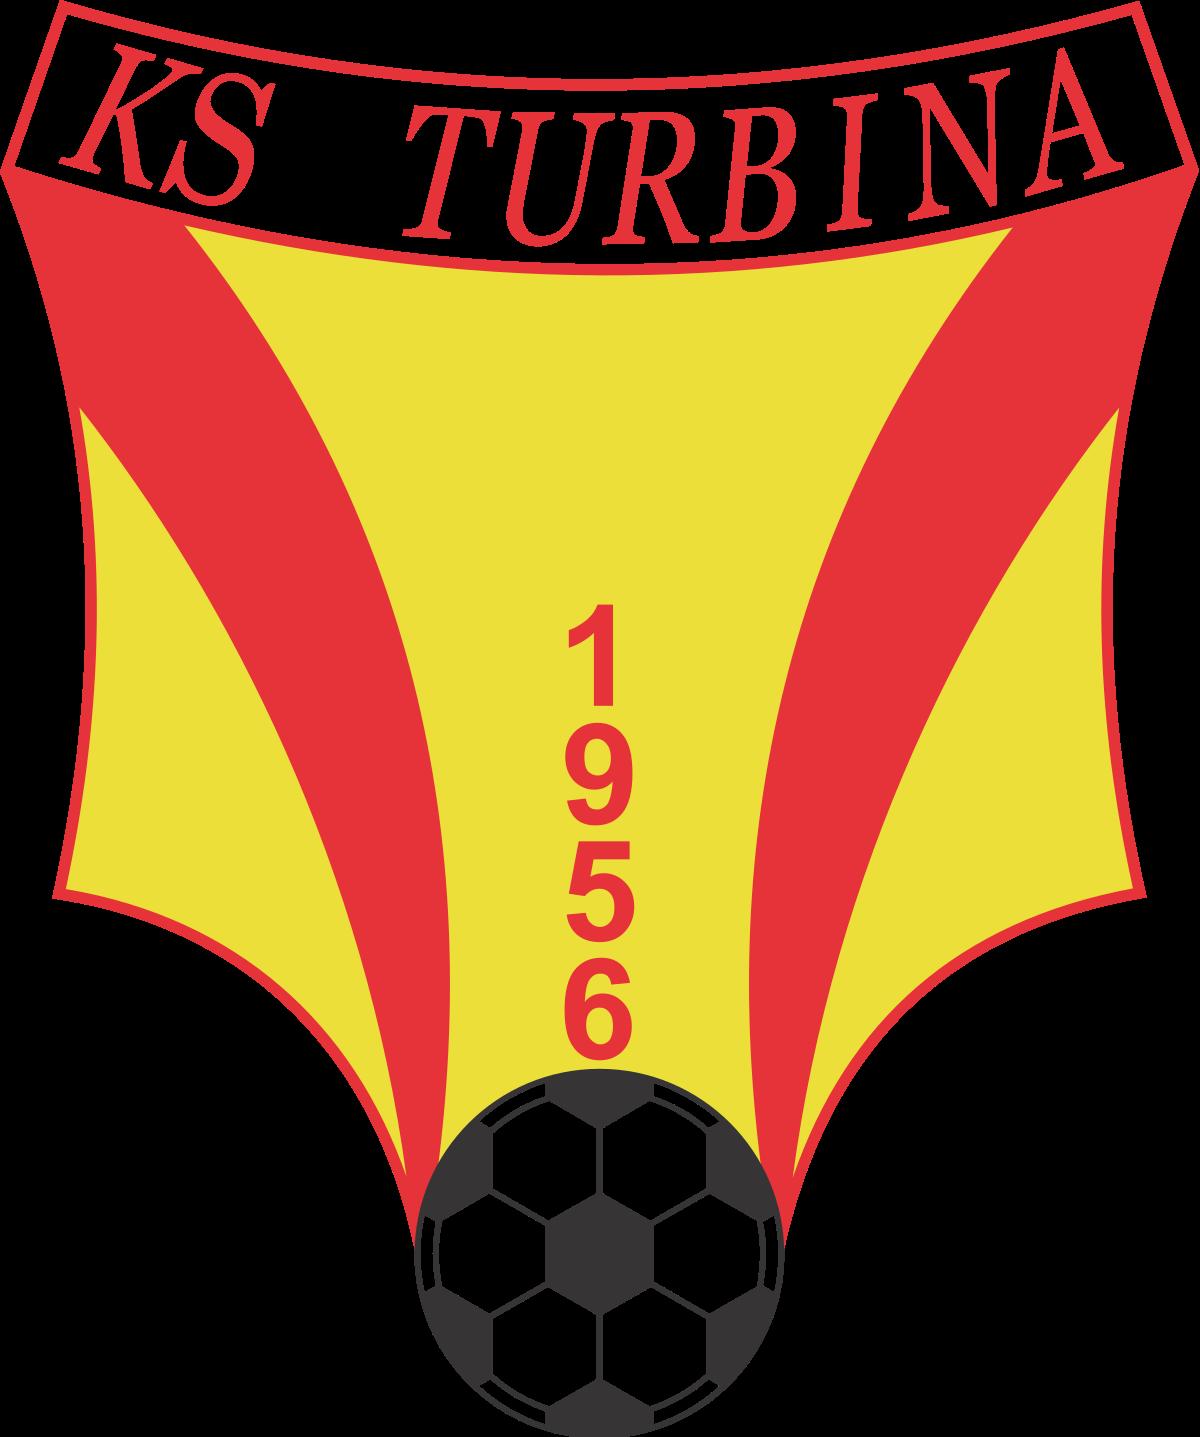 Turbina Cerrik logo